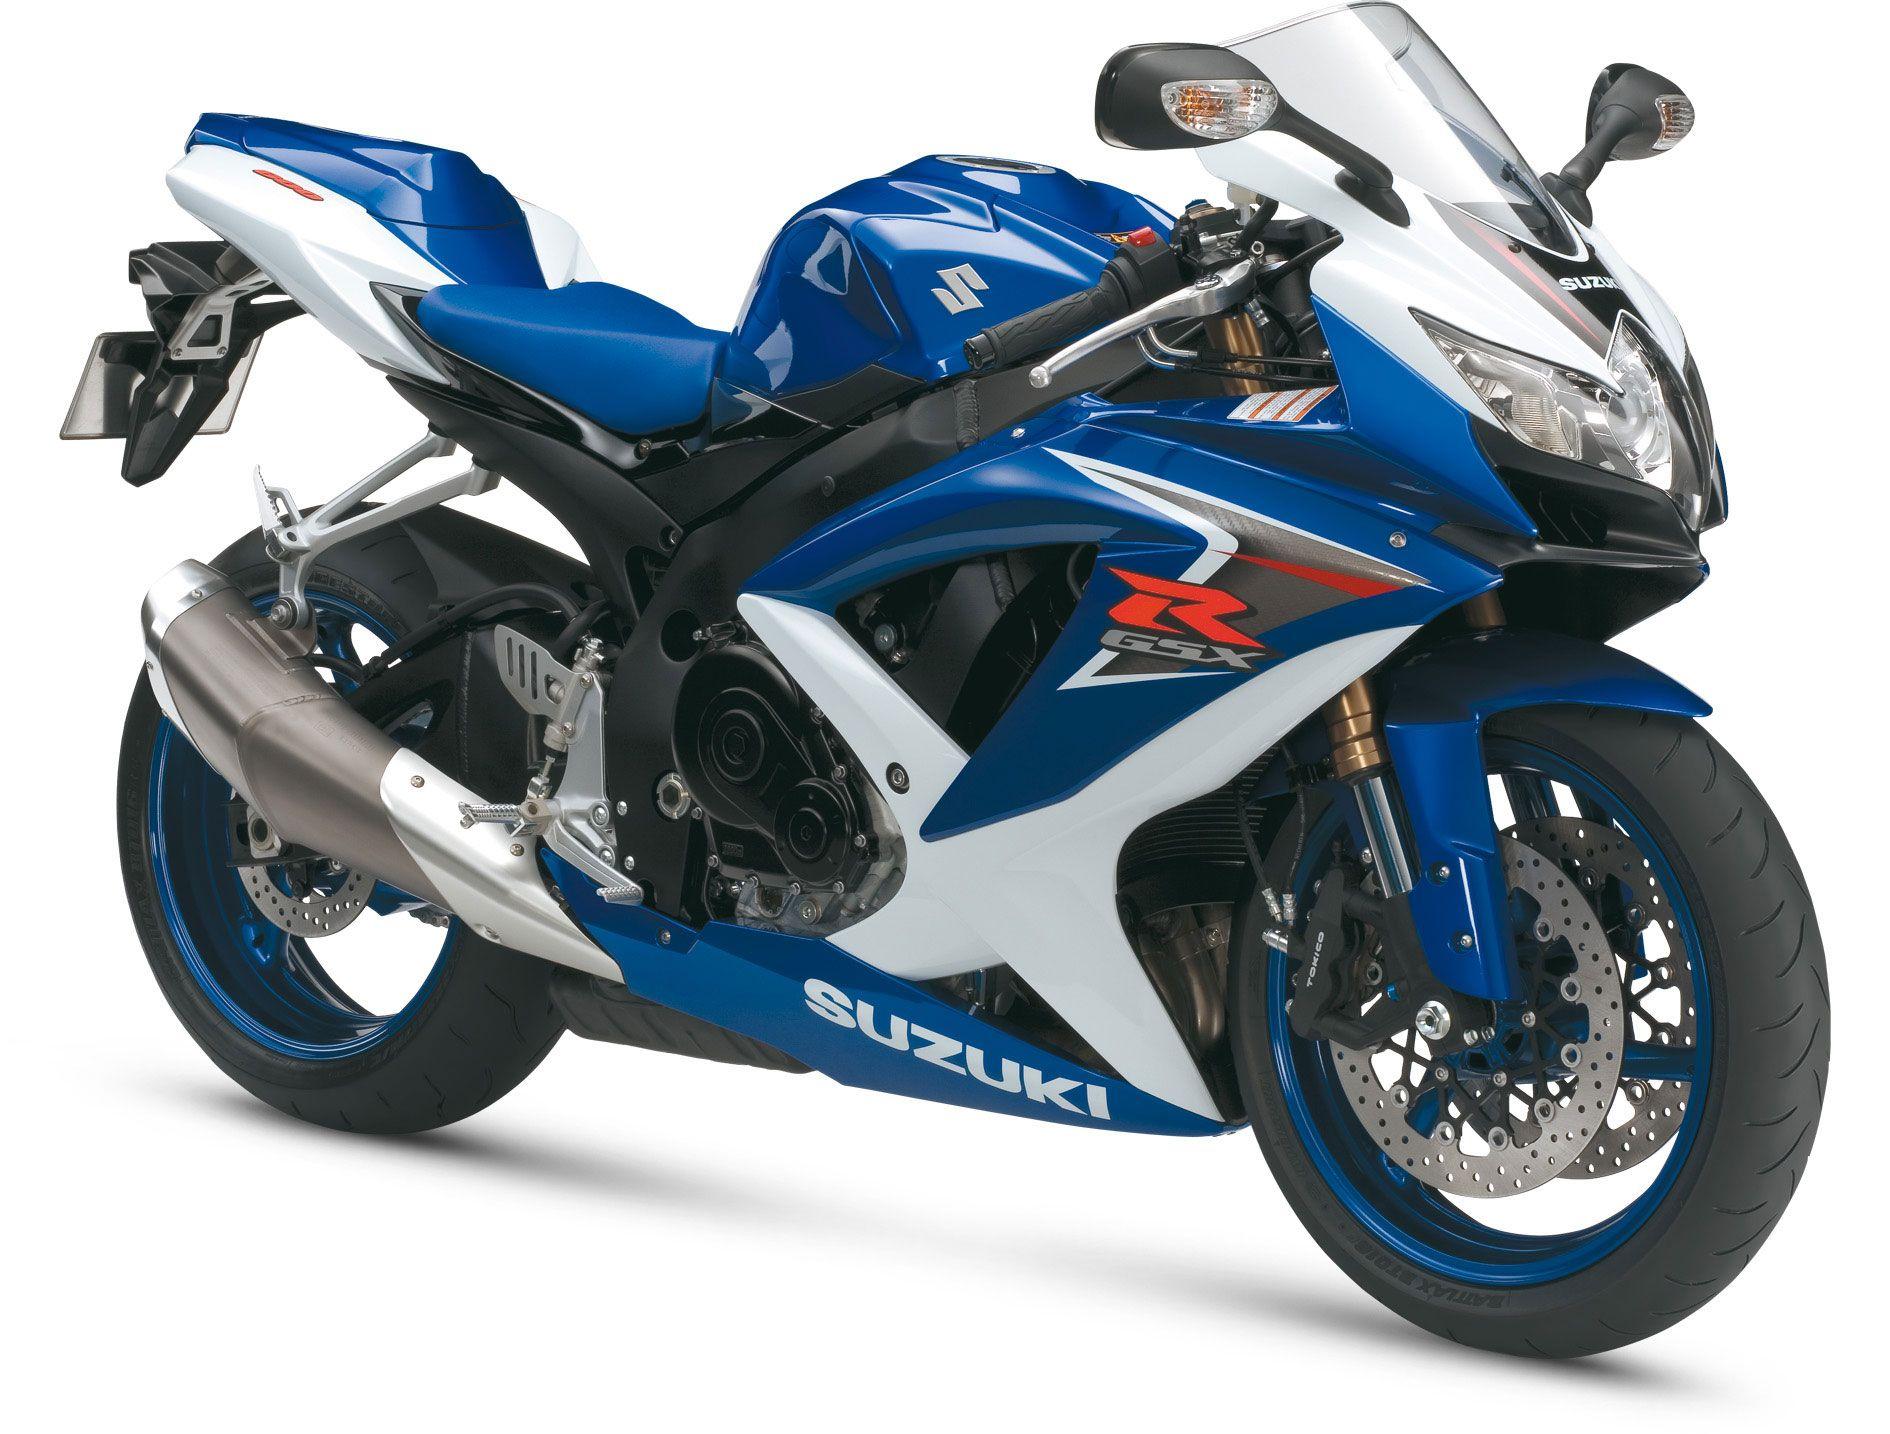 2008 suzuki gsx r600